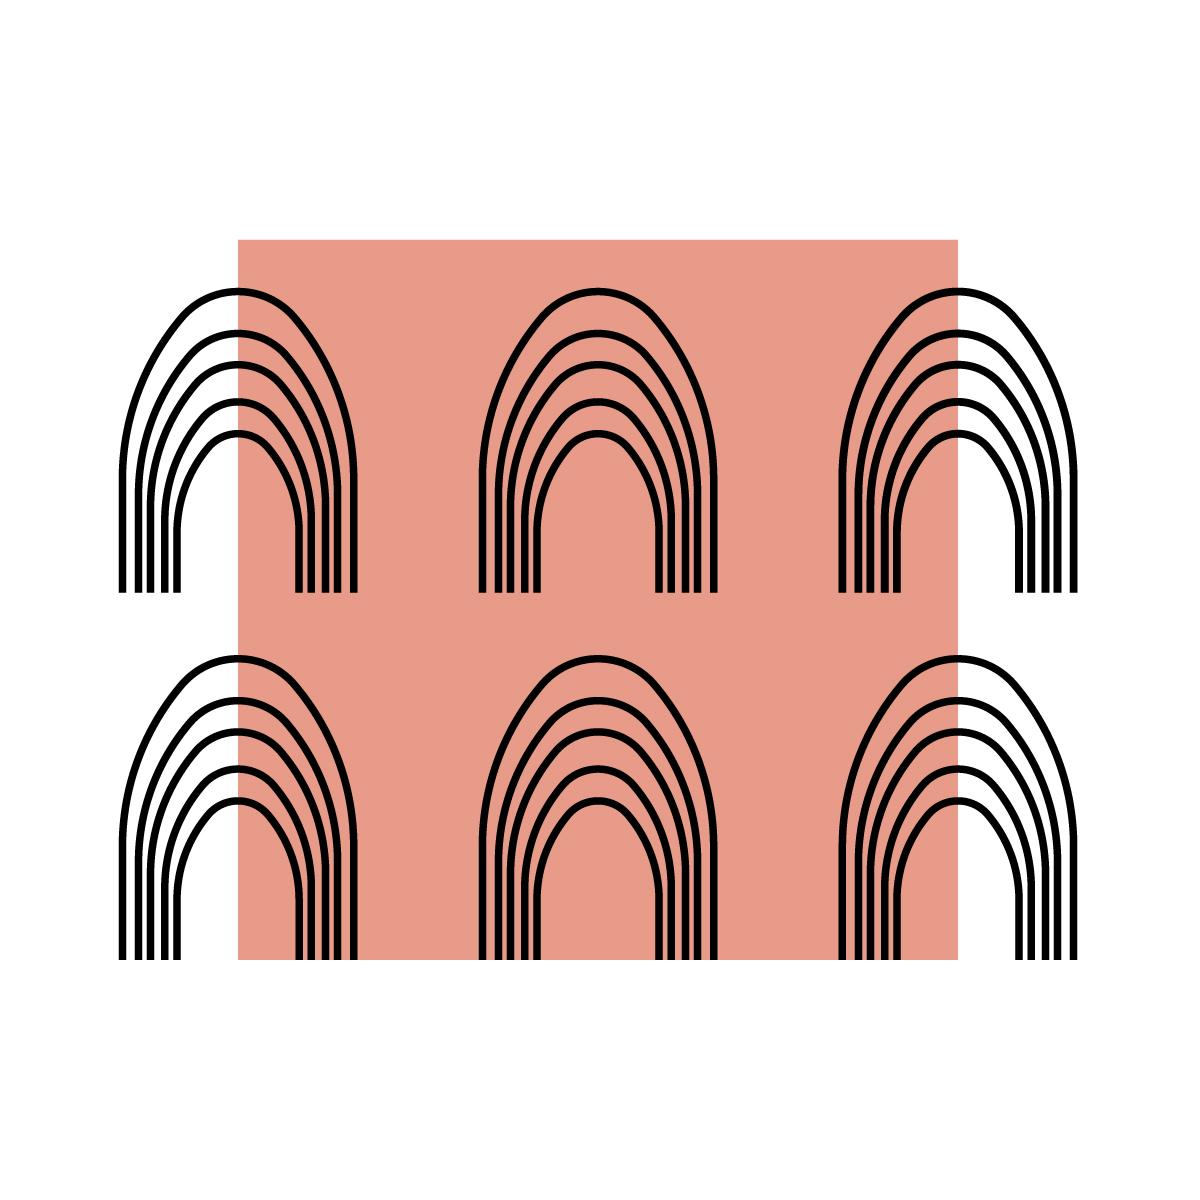 Valkoisella pohjalla lohenpunainen suorakulmio, jonka päällä on 6 samanlaista viivoista koostuvaa piirosta jotka muistuttavat sateenkaarta.